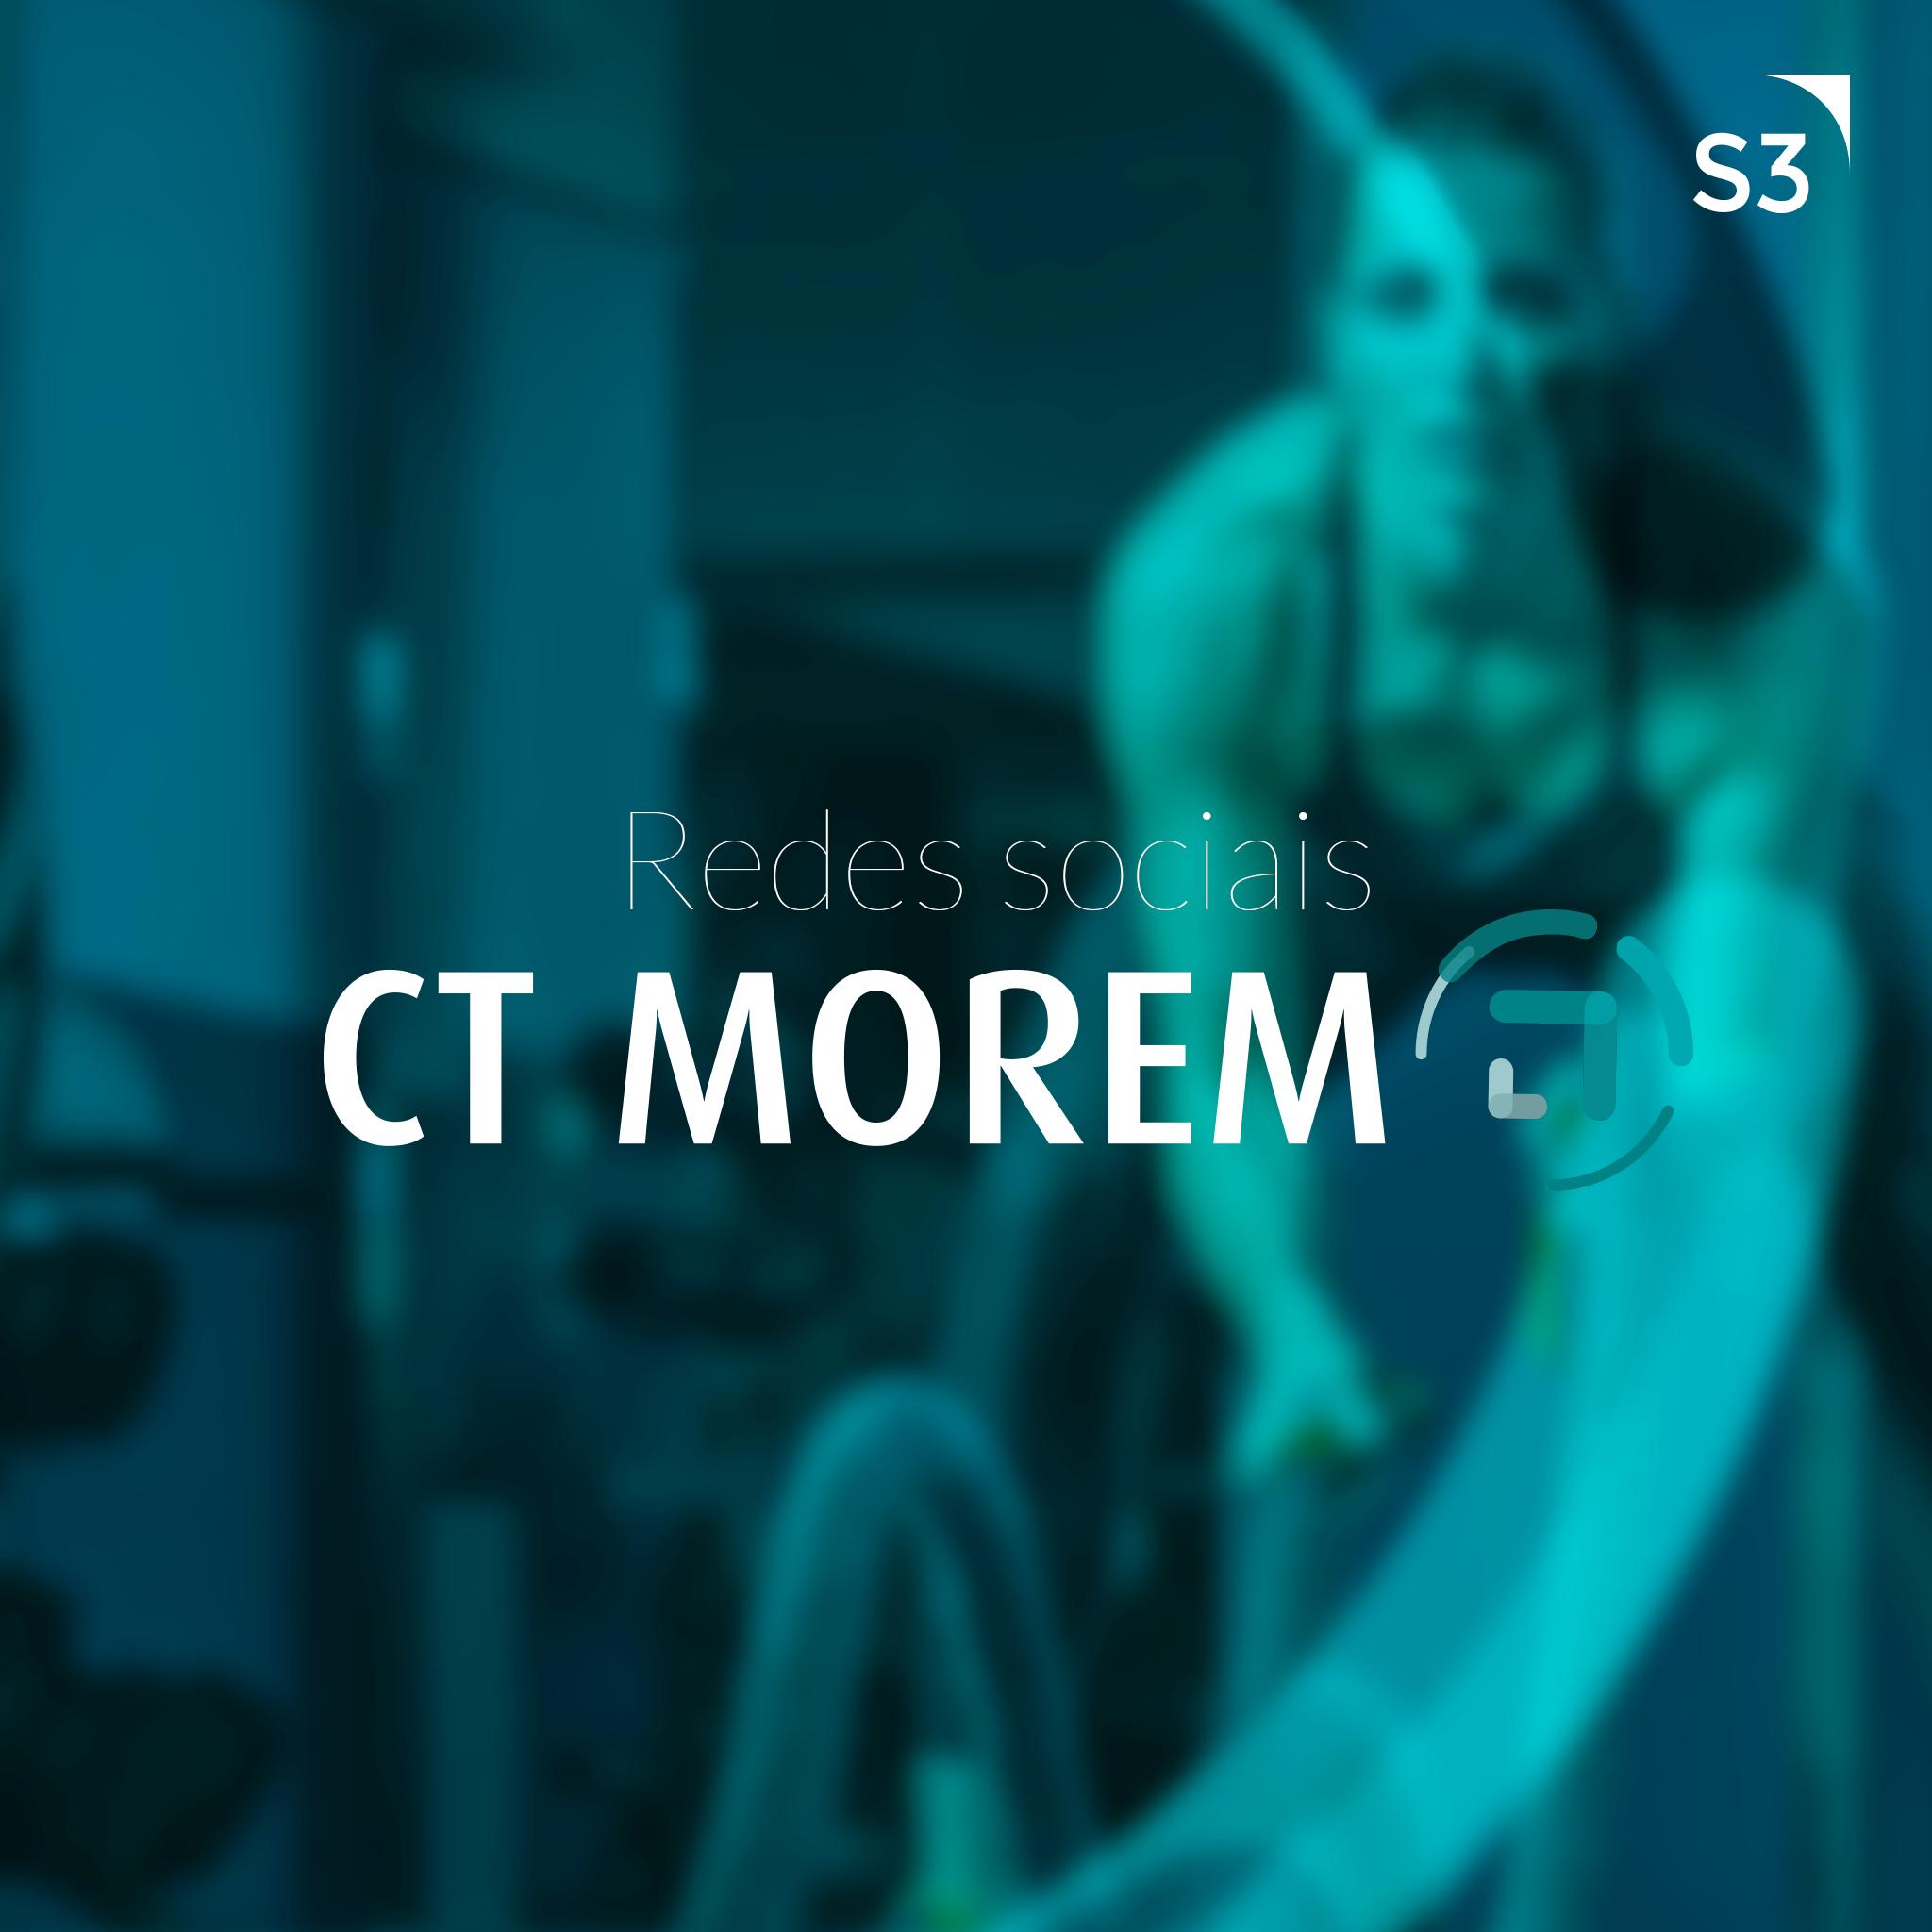 Facebook do Centro de Treinamento - CT Morem